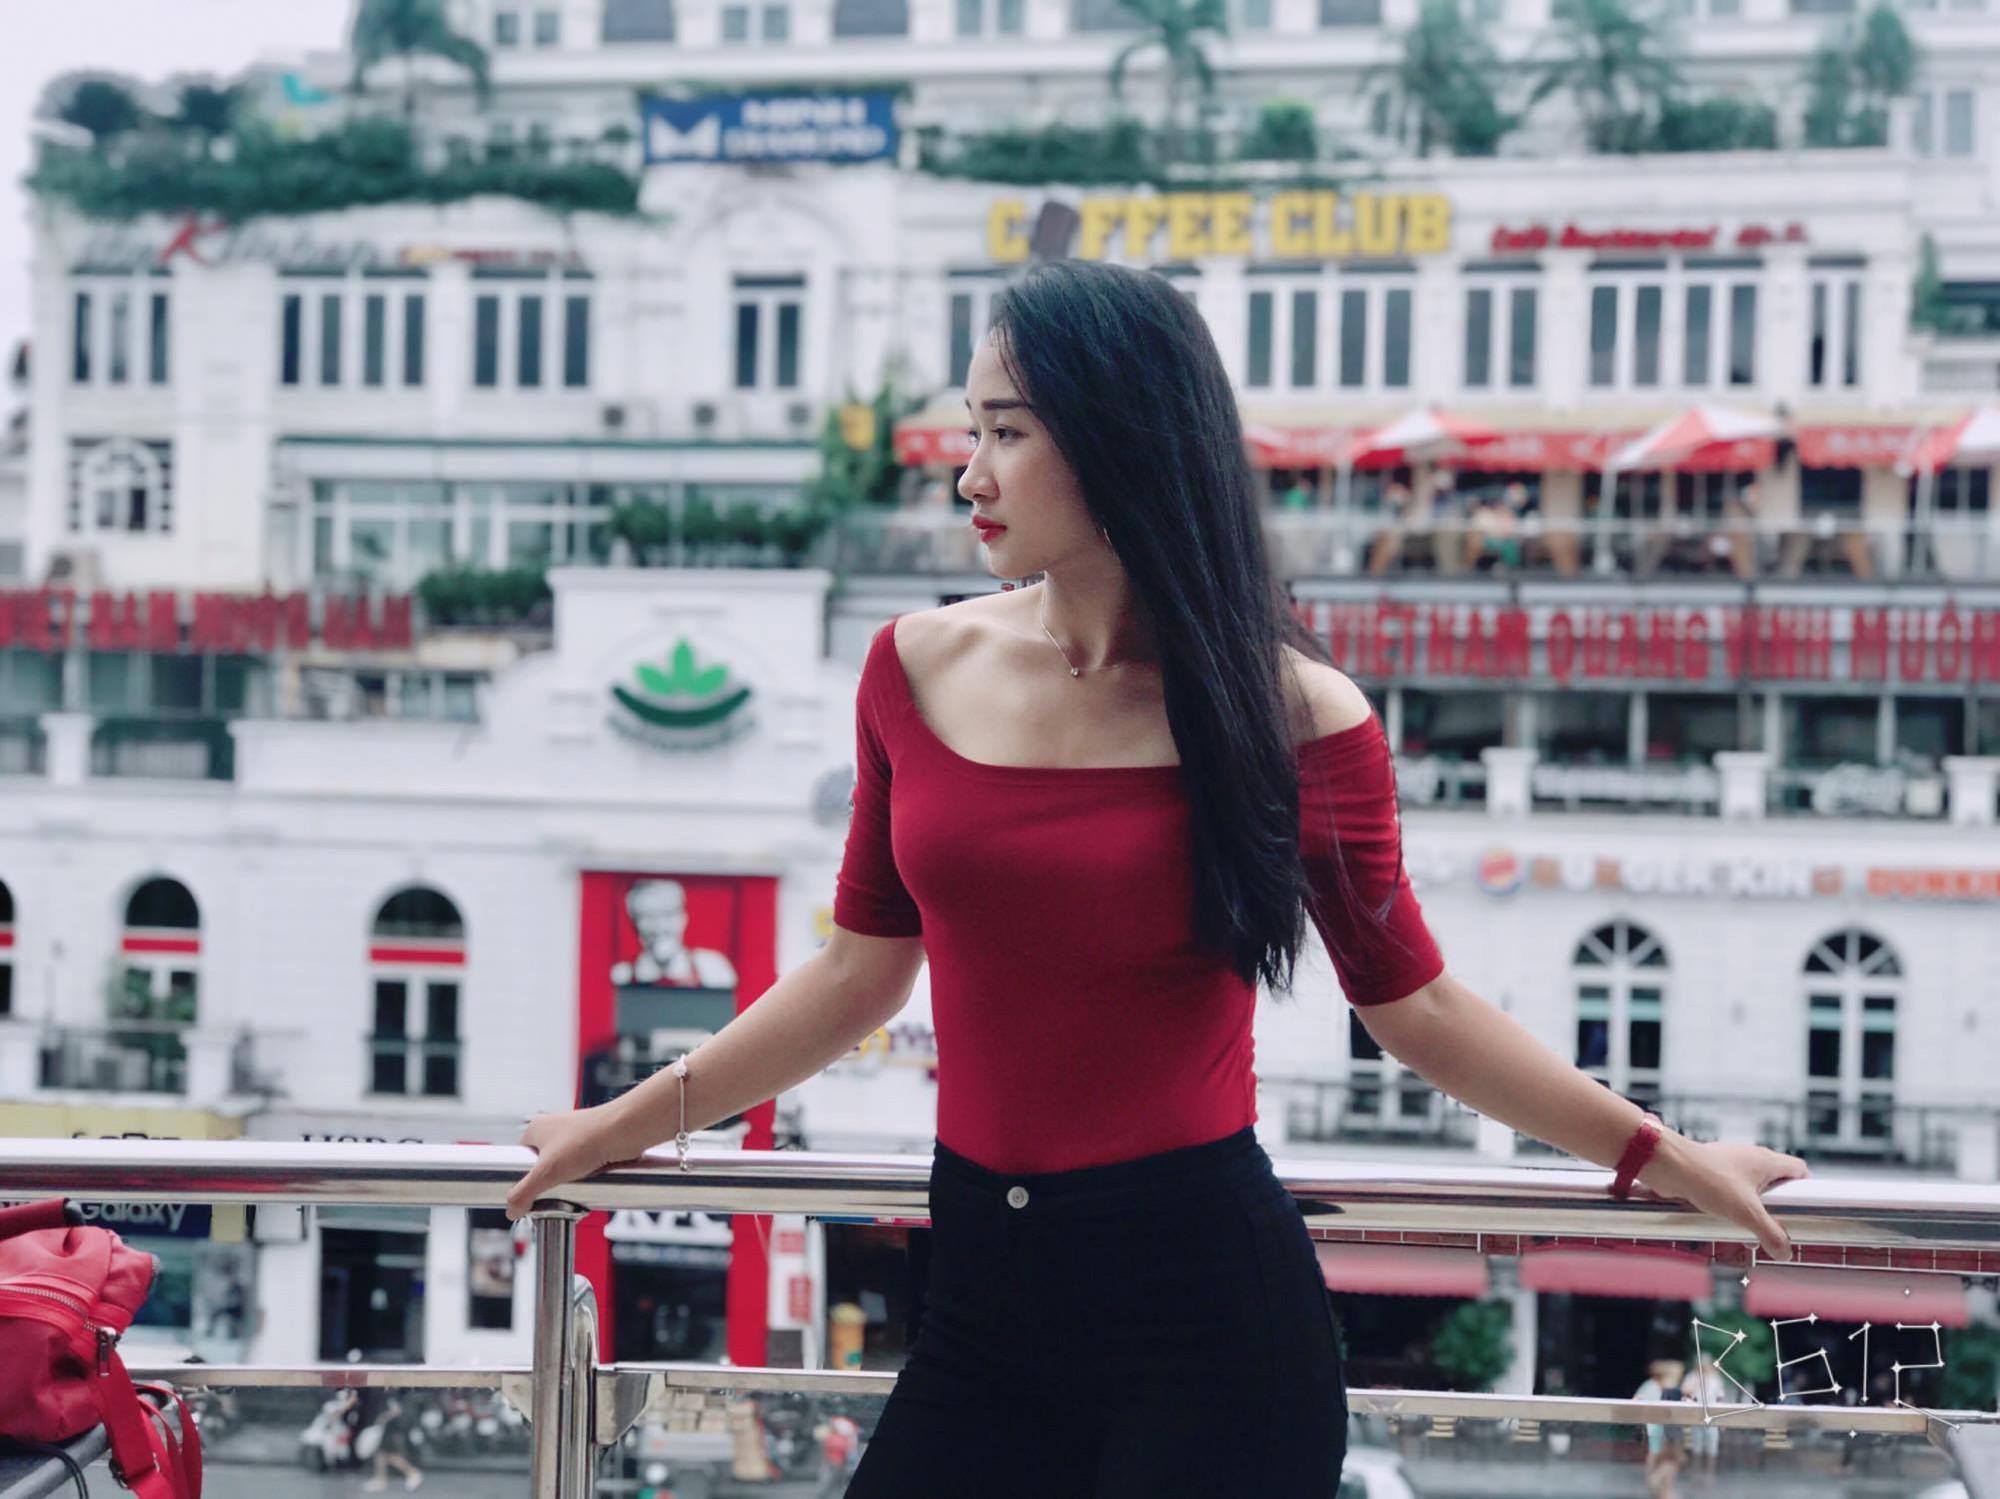 Hoa khôi, Á khôi tài sắc vẹn toàn chọn trở thành cô giáo, giảng viên ĐH - Ảnh 14.